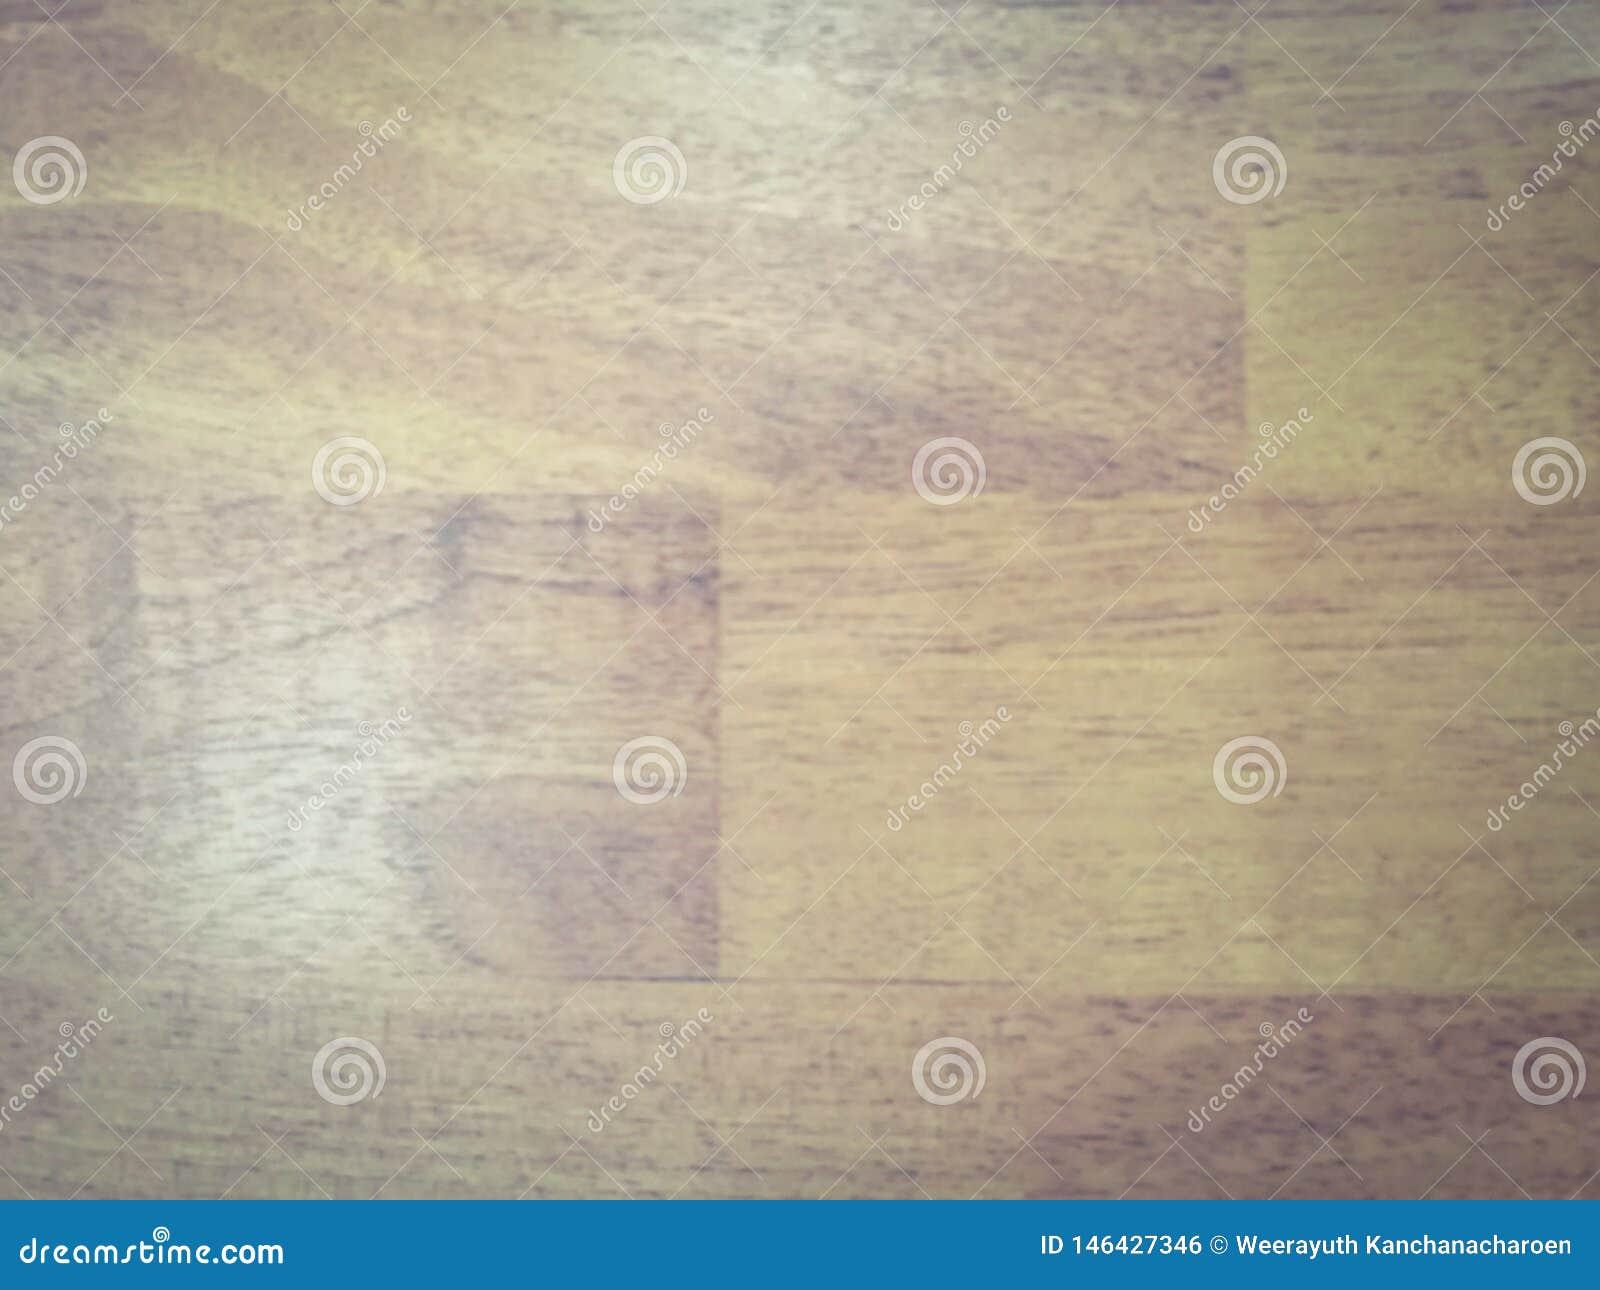 Sch?ne Nahaufnahme masert abstrakten Wandstein und Fliesenbodenhintergrund